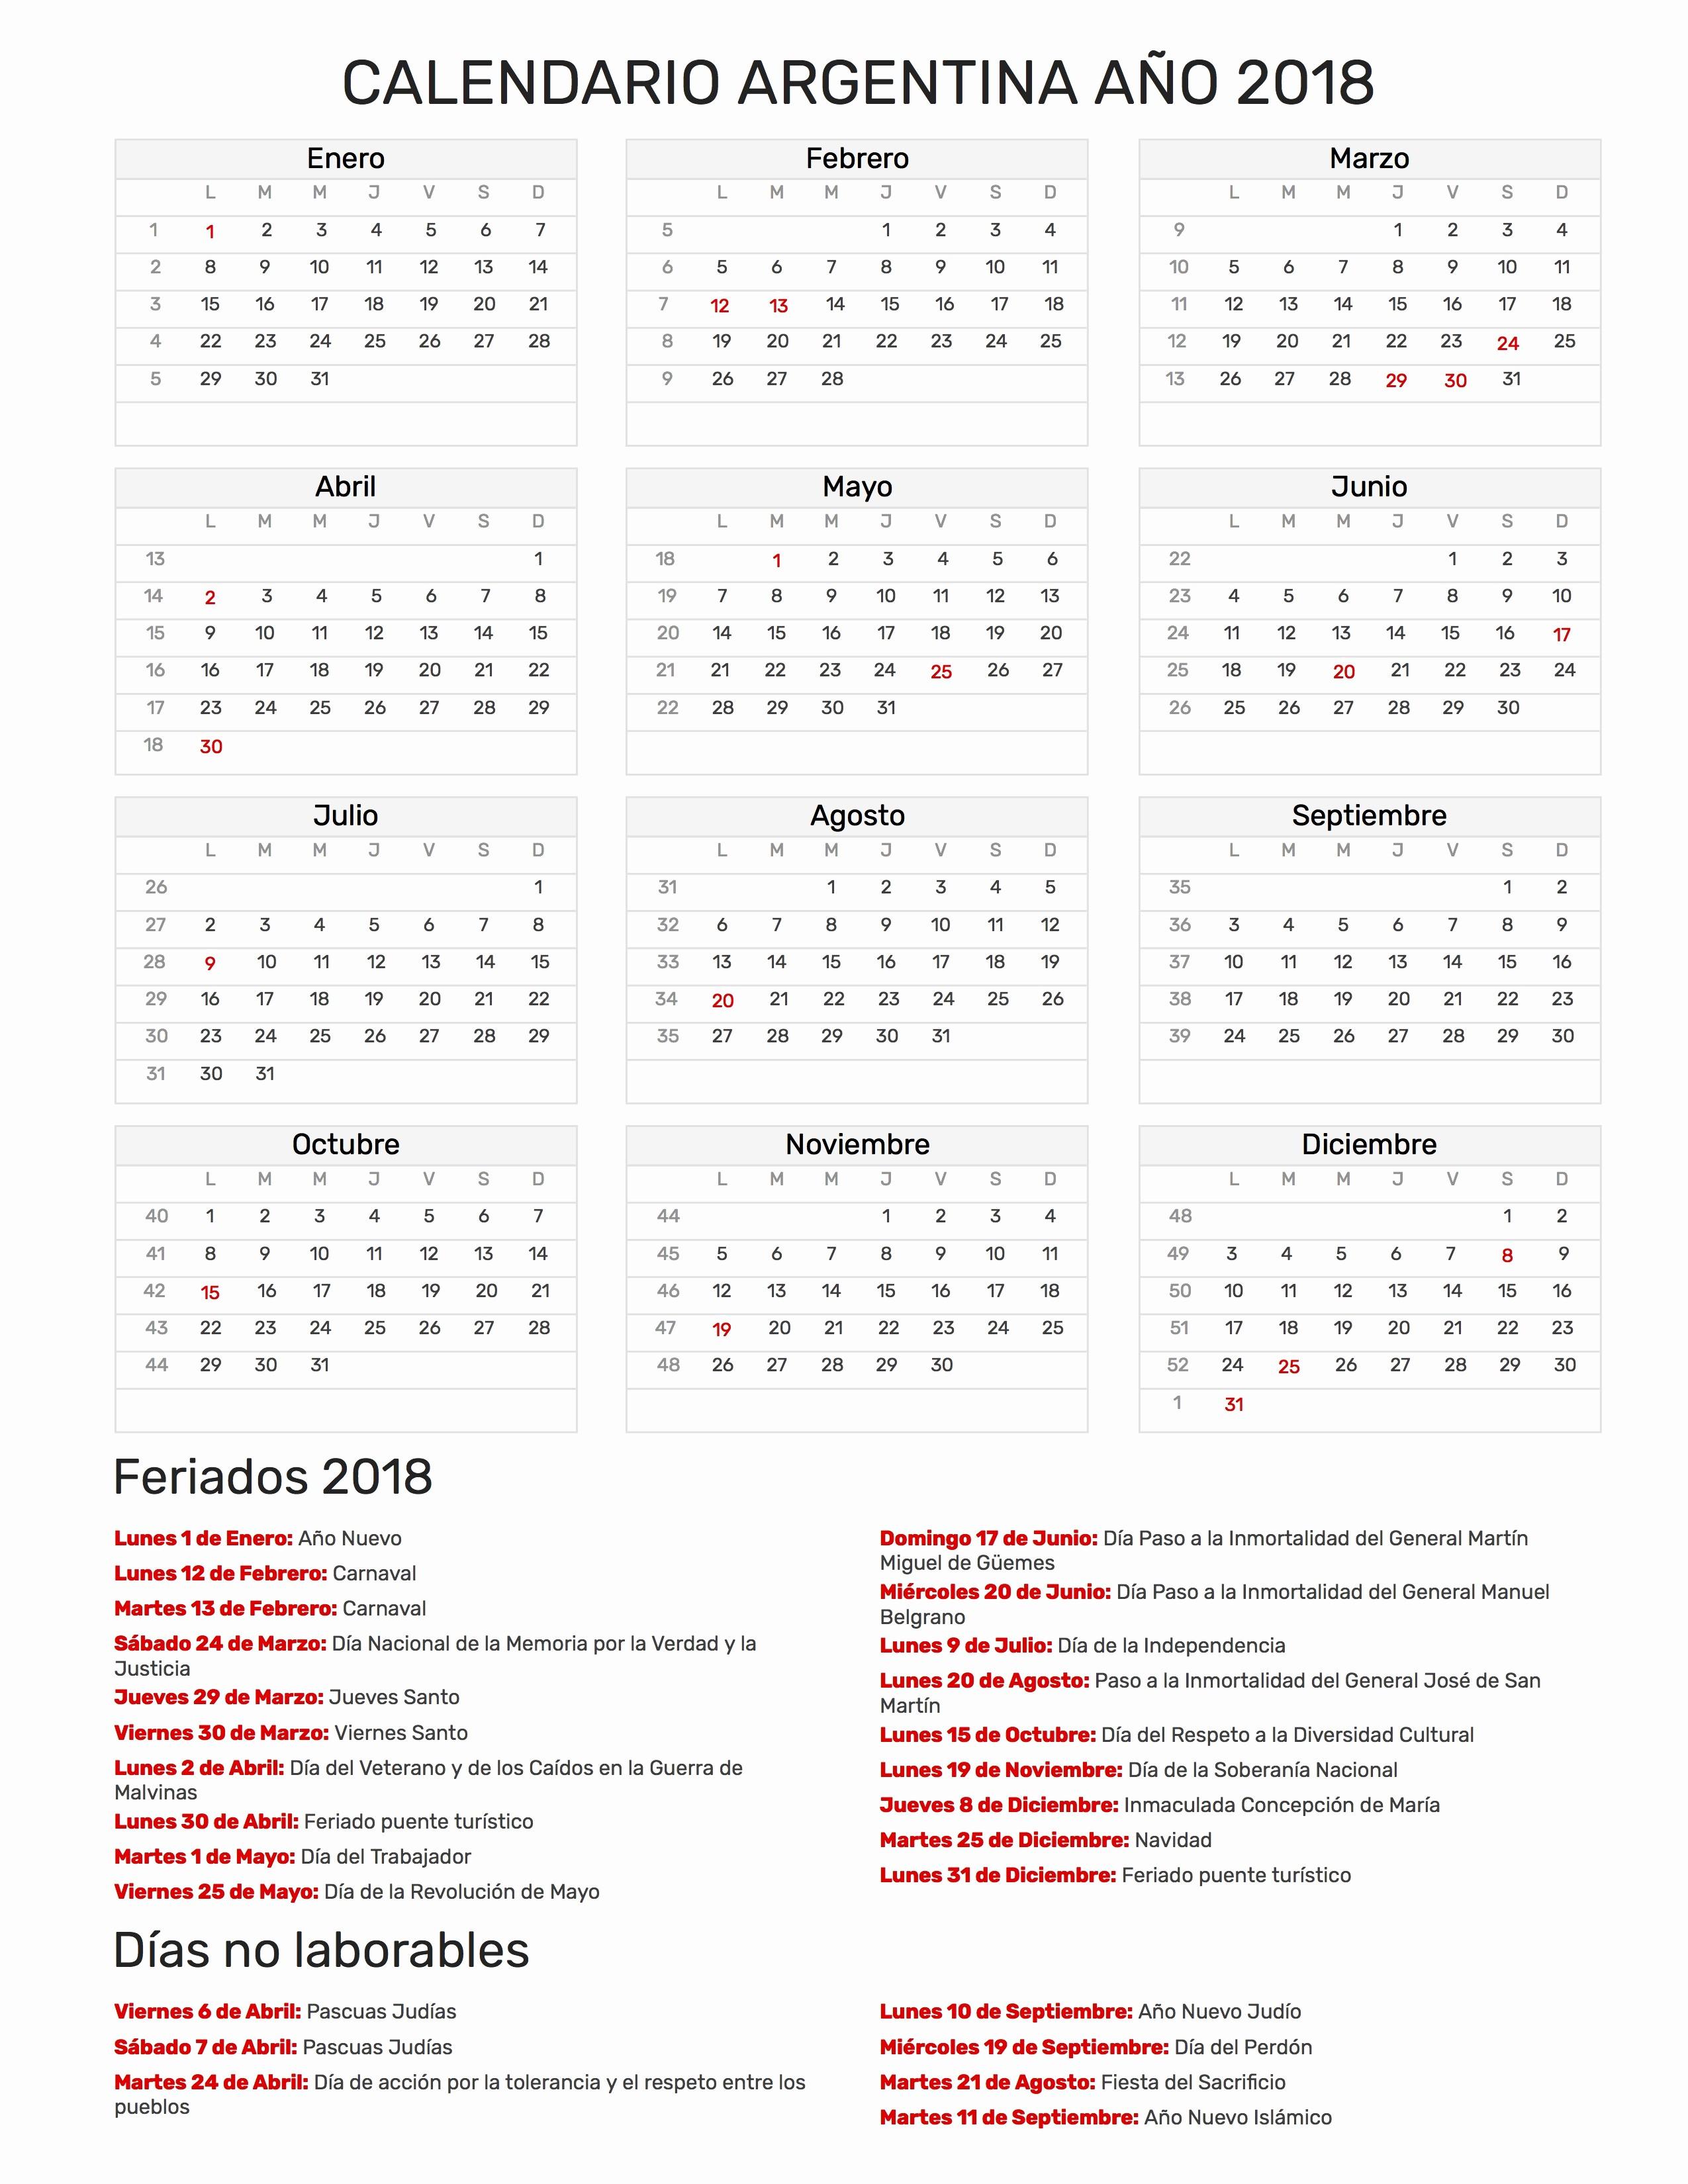 Calendario 2019 Chile Con Feriados Más Recientemente Liberado Calendario Estaciones Del A±o 2019 Calendario Argentina Ano 2018 Of Calendario 2019 Chile Con Feriados Recientes Mundial 2019 Calendario Excel Calendario 2019 Da Stampare